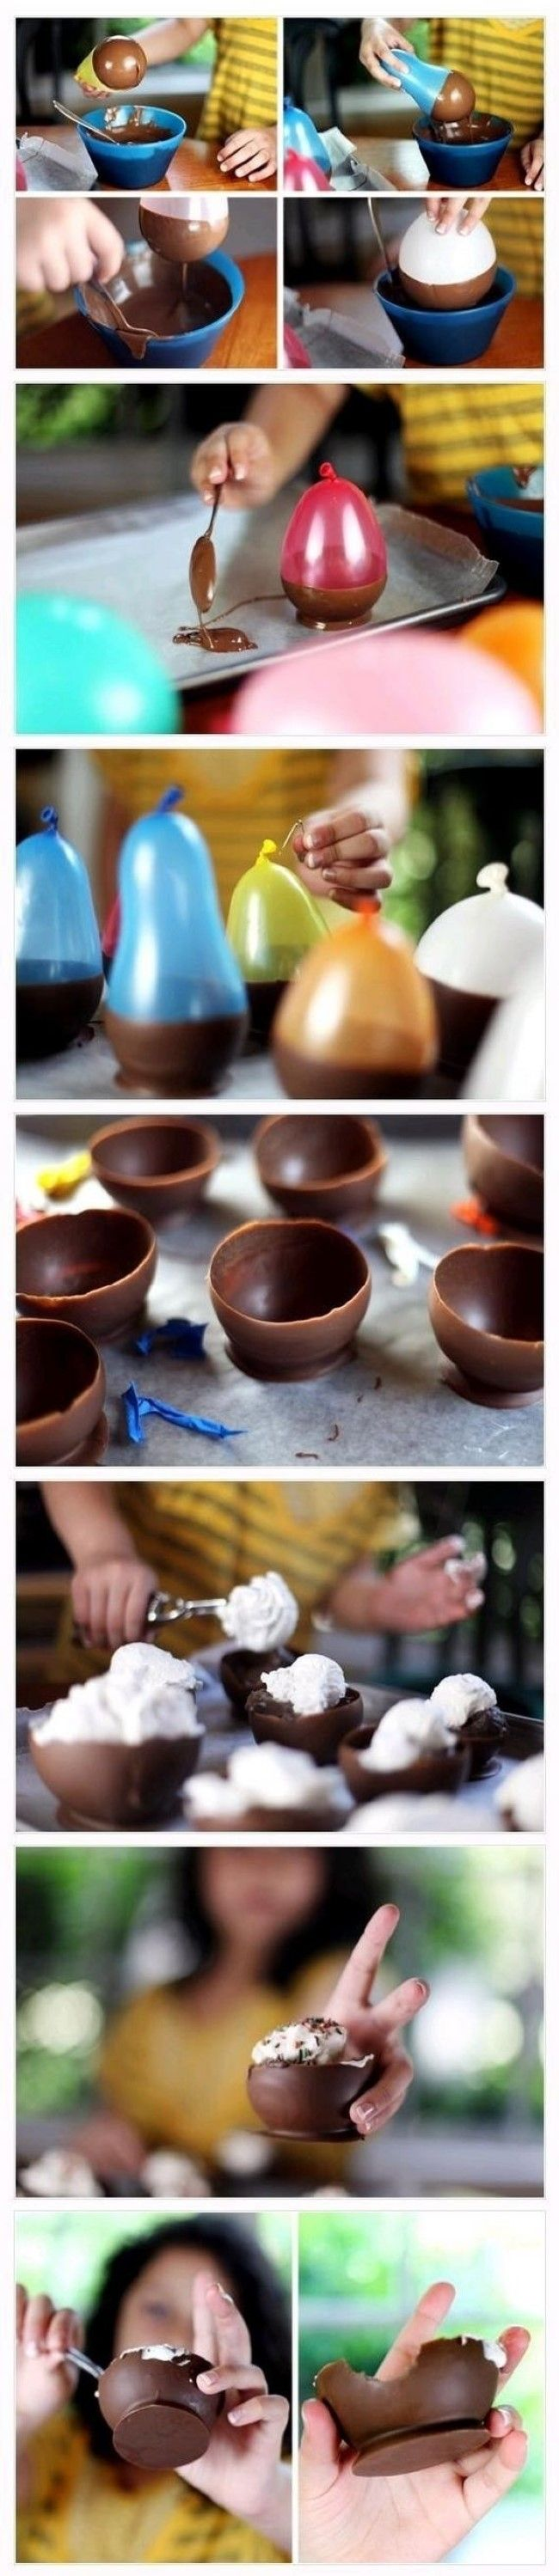 ideias-bexigas-3  E quem disse que balões de festa não podem quebrar um galho na cozinha?  Só não se esqueça de lavá-las bem antes de usar.